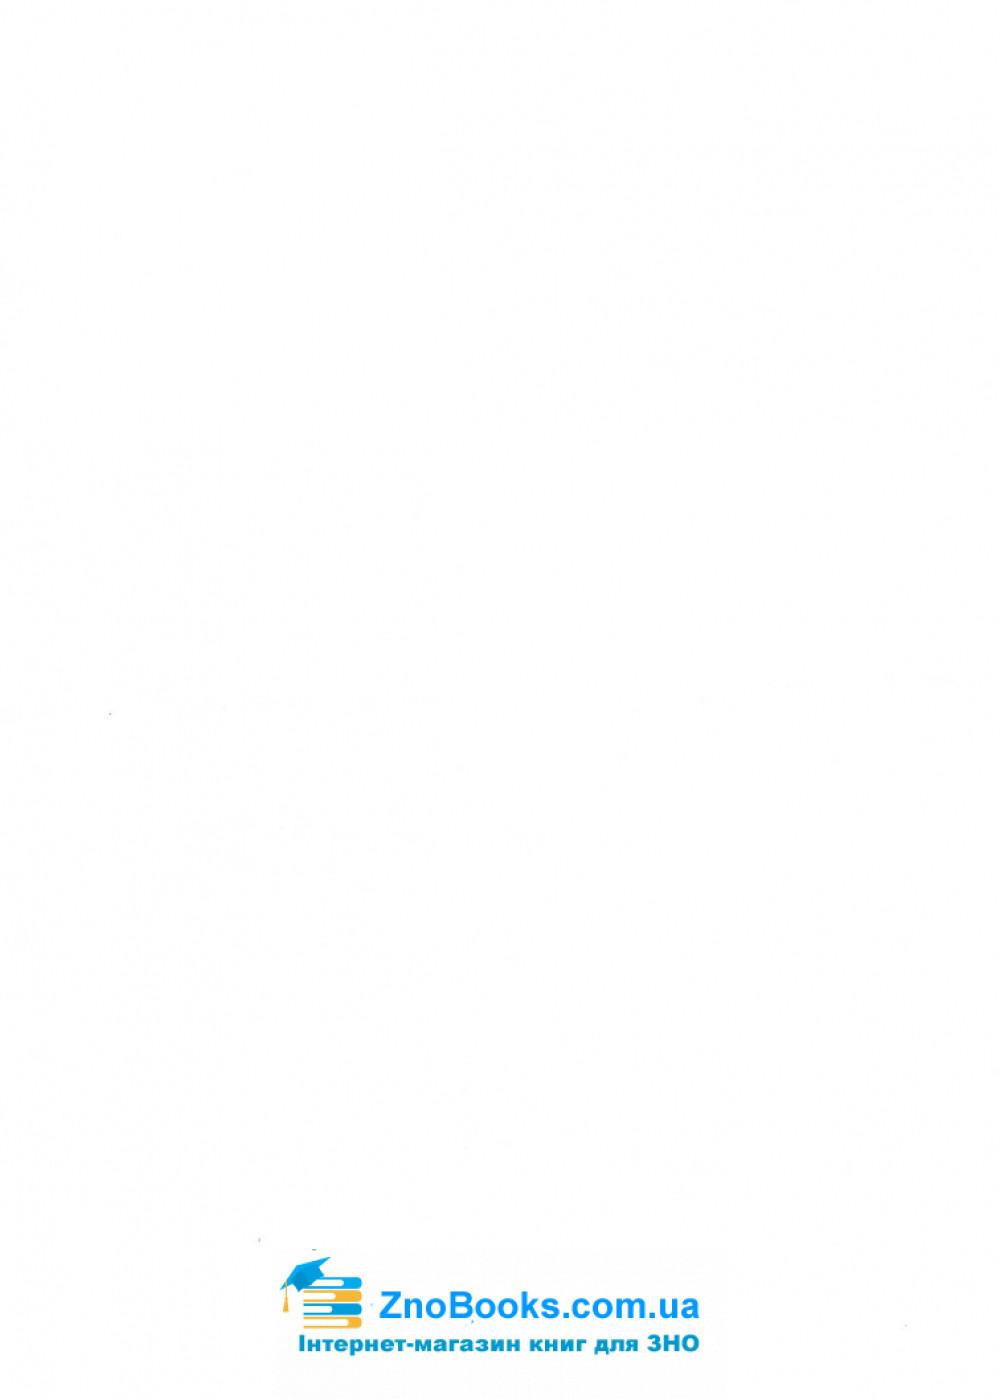 Ганаба С. Історія України. Тематичний контроль для підготовки до ЗНО. 1000 тестових завдань: Навчальна книга - Богдан 1